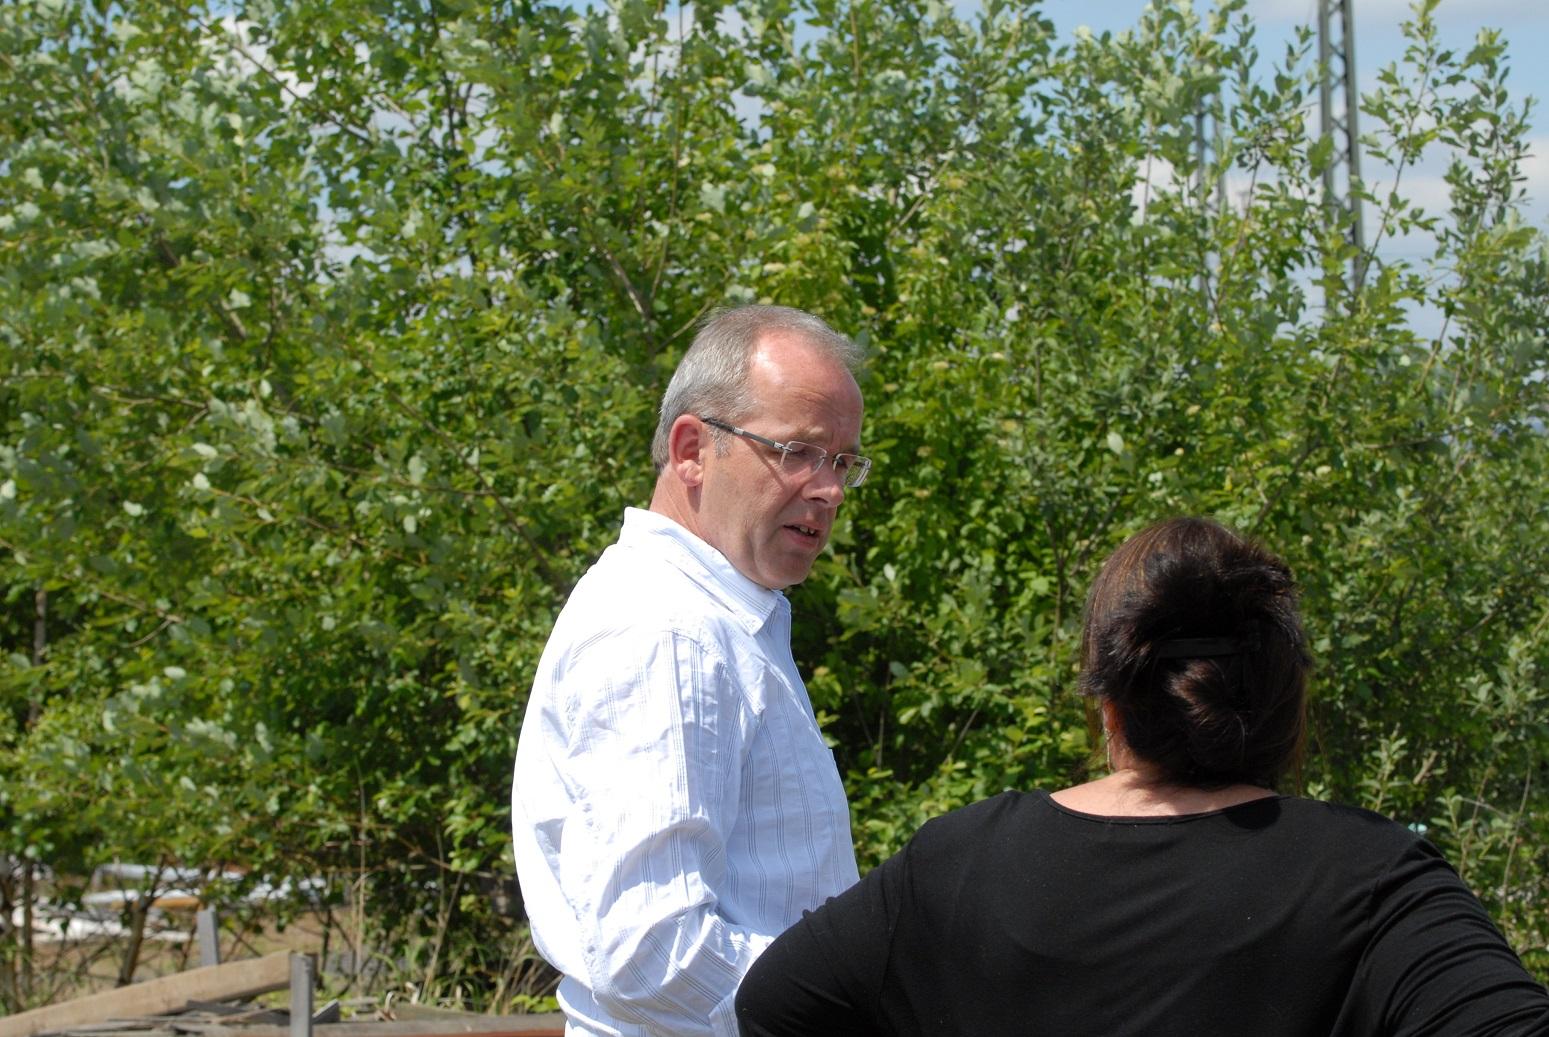 Frau Mose im Gespräch mit unserem jetzigen Bürgermeister